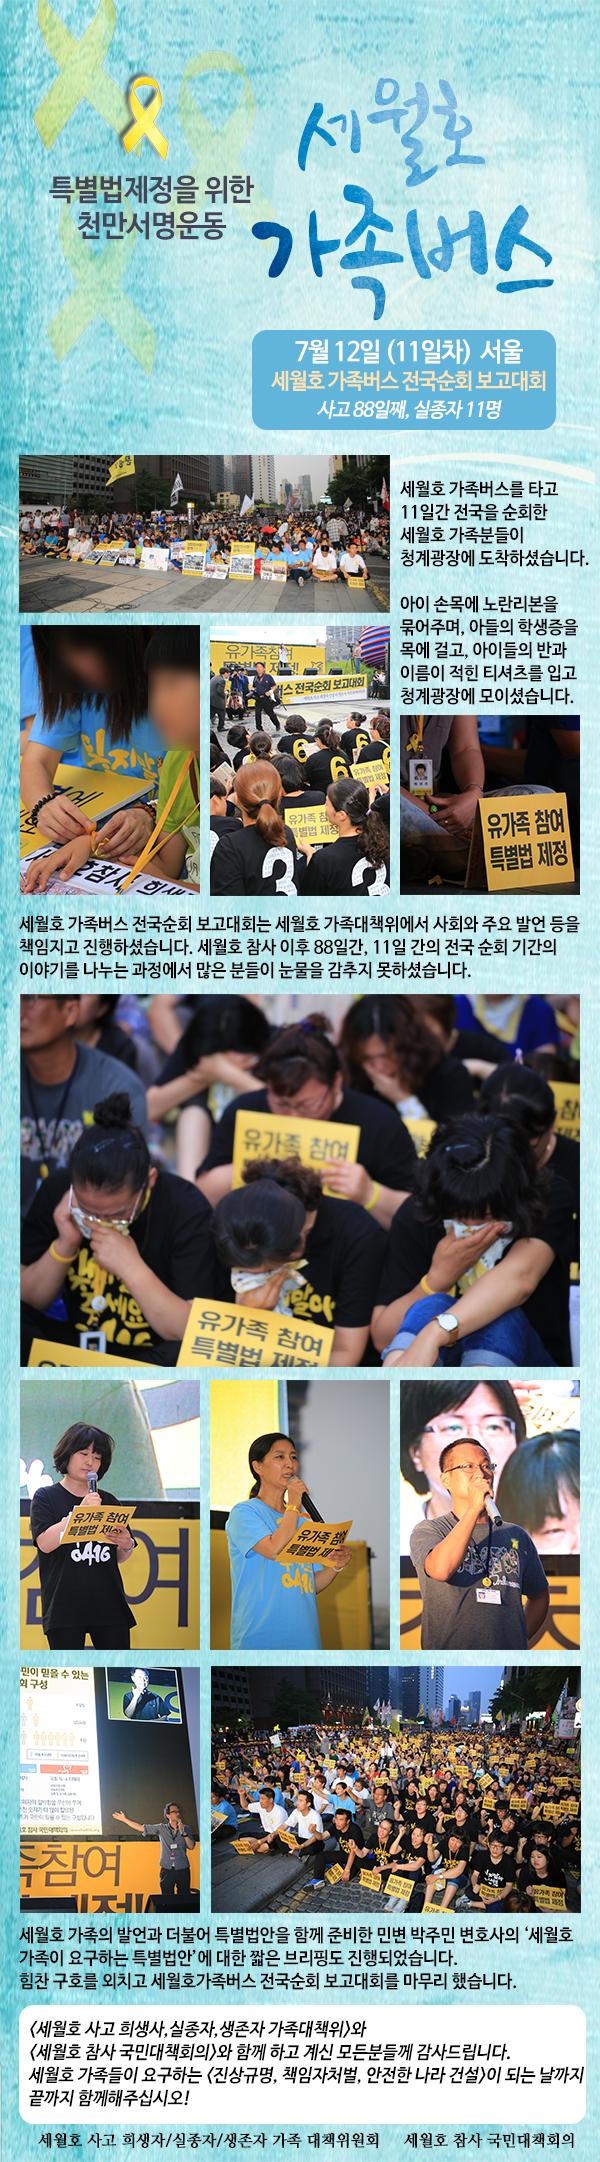 7/11 세월호 가족버스 서울